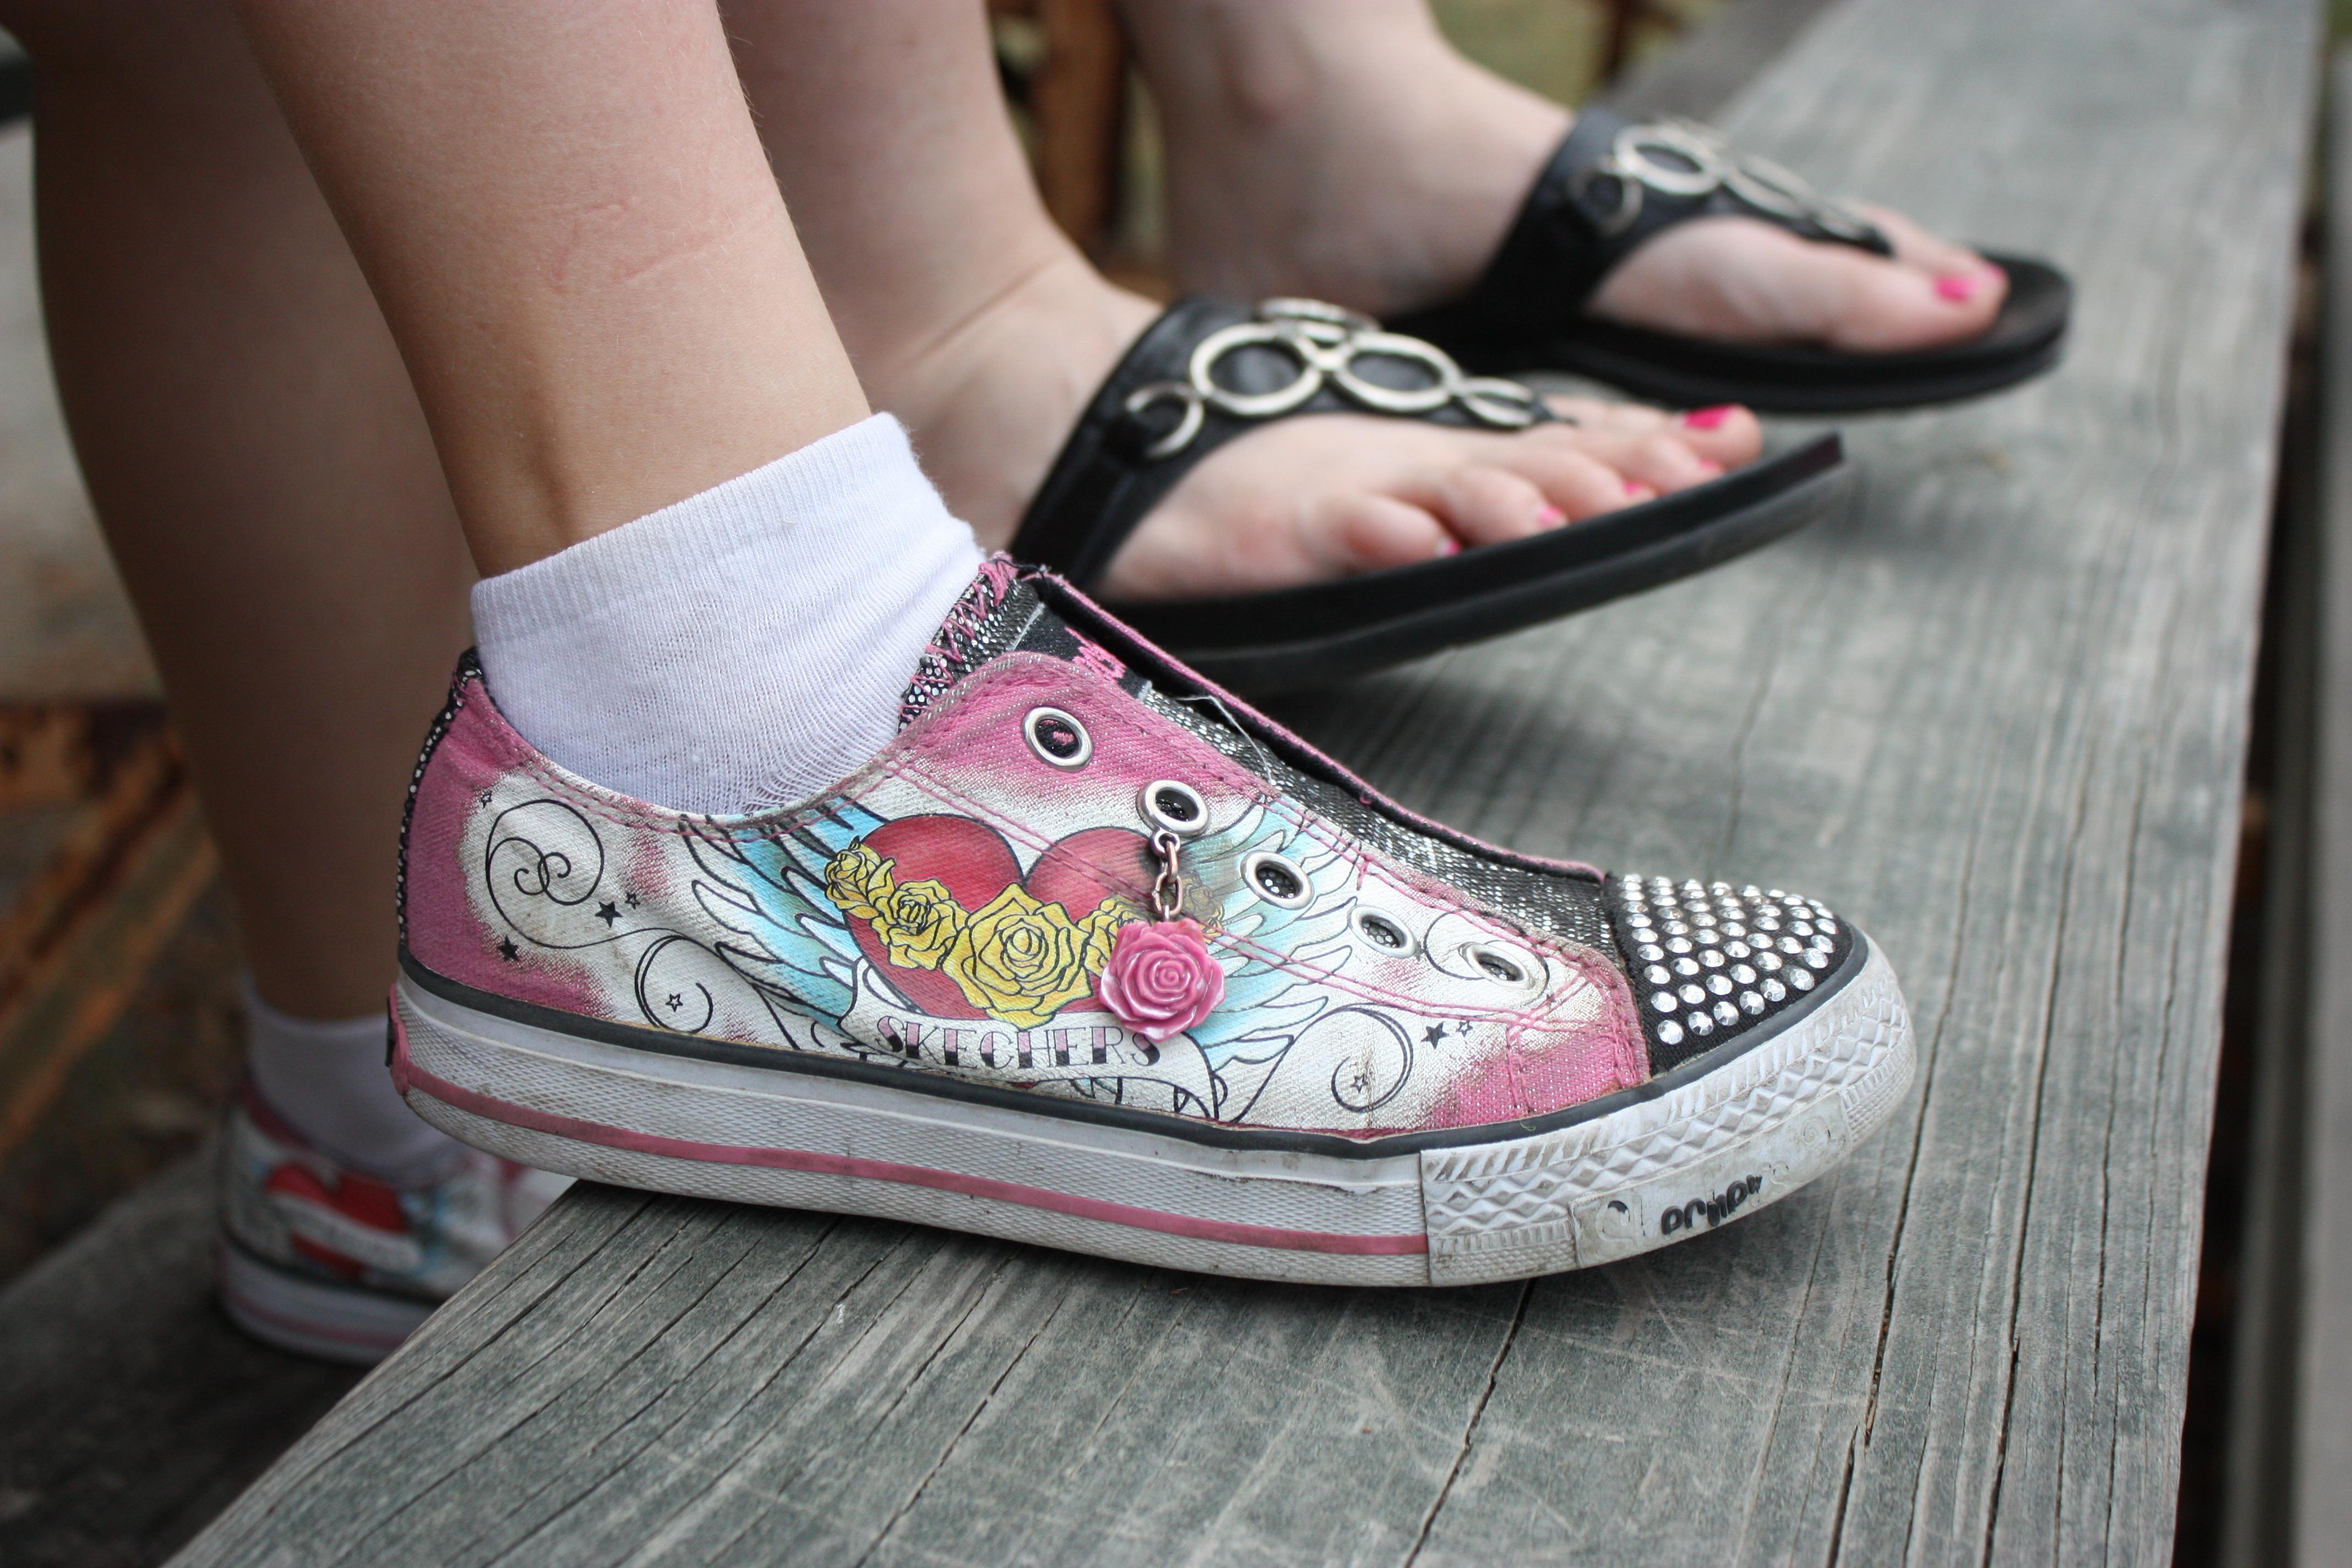 Free Images Beach Shoe White Feet Summer Leg Pattern Spring Sepatu Sneakers Wanita Love Fashion Pink Human Body Shoes Girls Design Sandals